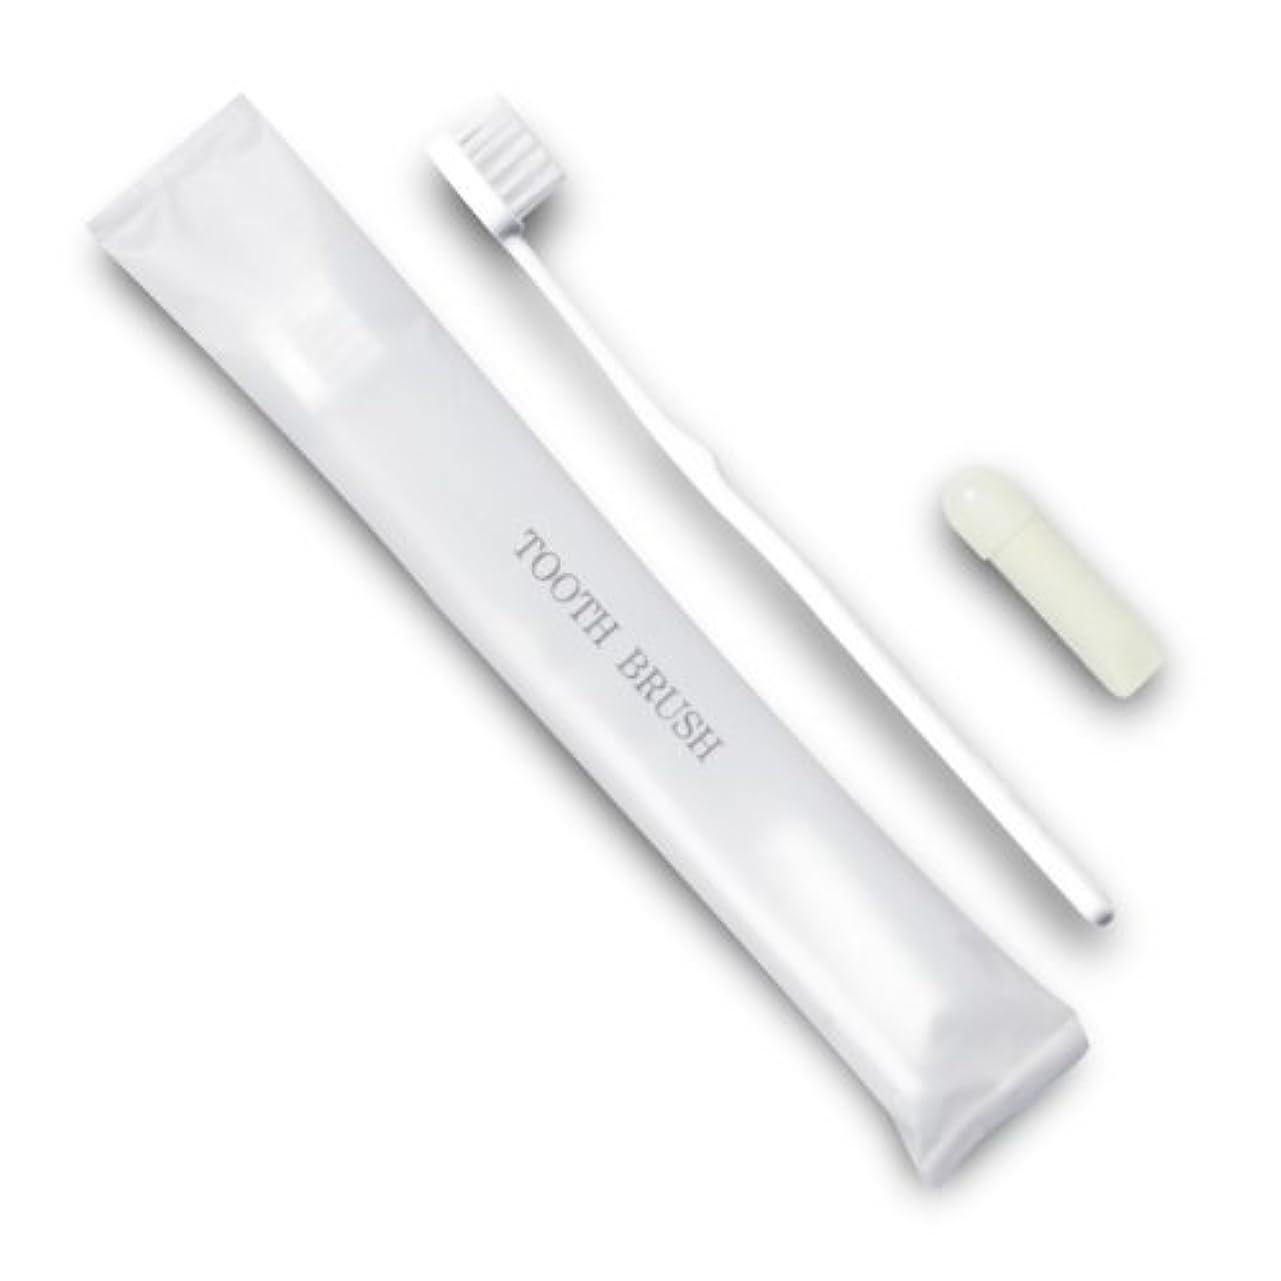 船酔い踏み台グリップホテル業務用歯ブラシ21穴(白)3gチューブ マット袋FタイプDX 700本